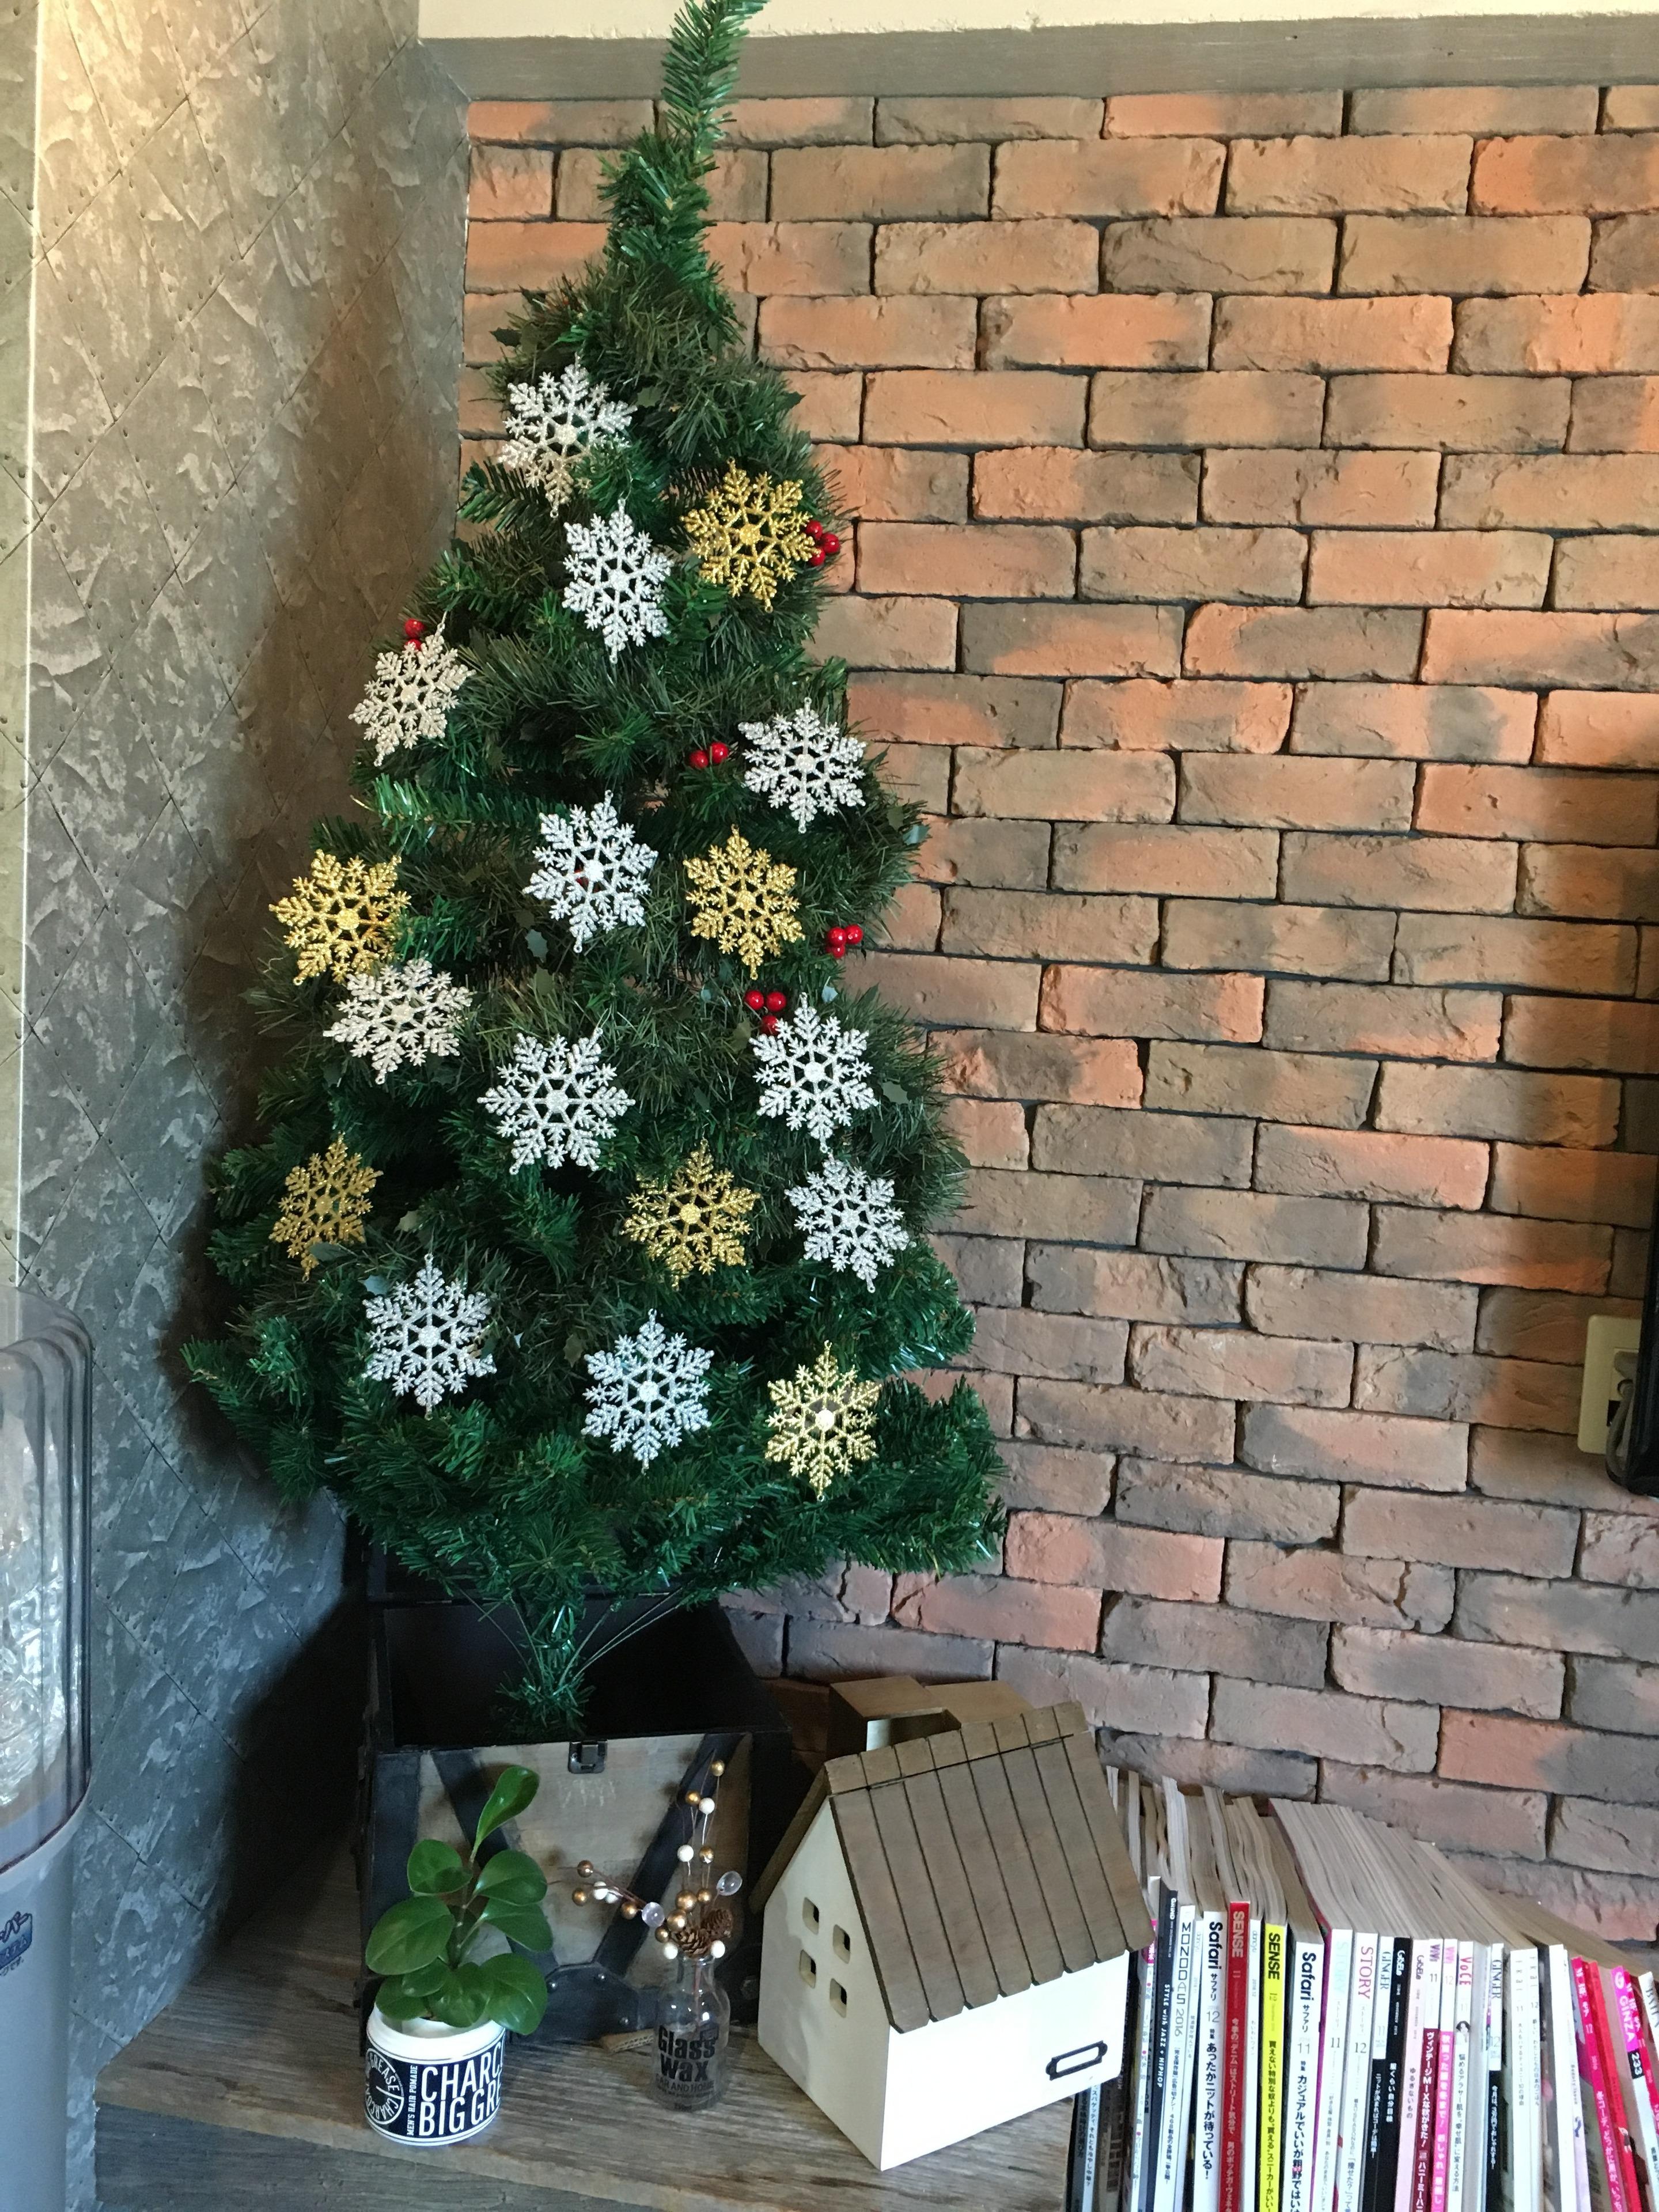 新宿歌舞伎町の美容室セイヴィアン クリスマスはまだまだ予約が取れるよー